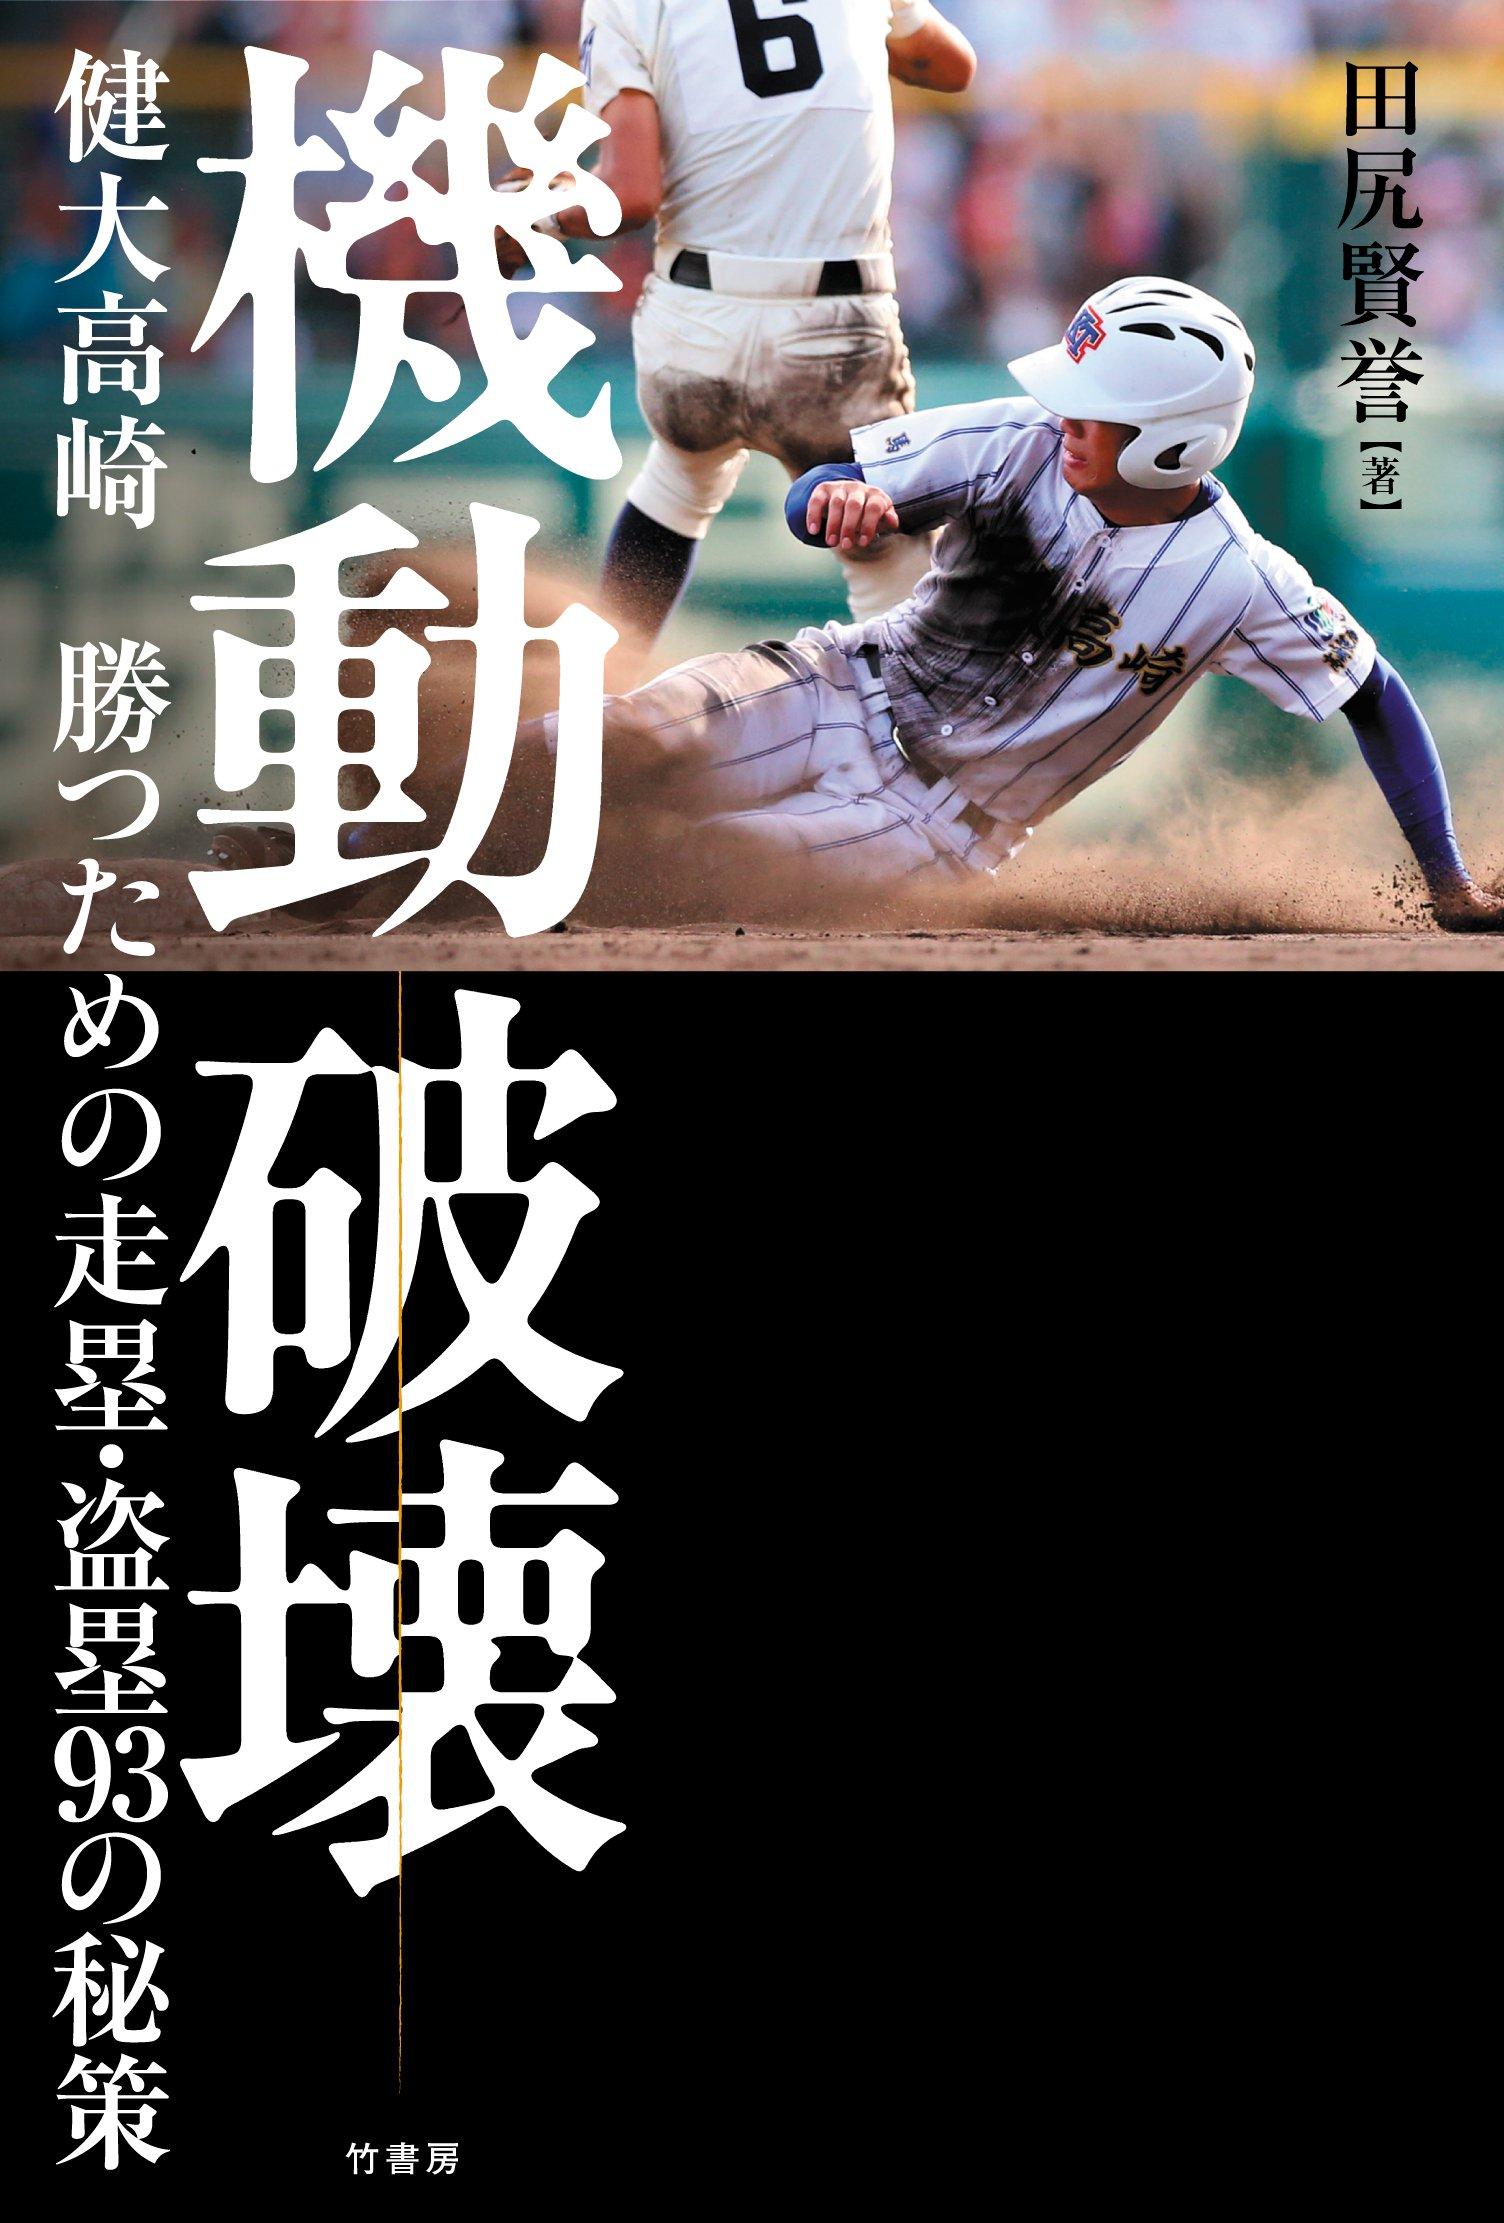 機動破壊 健大高崎 勝つための走塁・盗塁93の秘策 | 田尻 賢誉 |本 ...